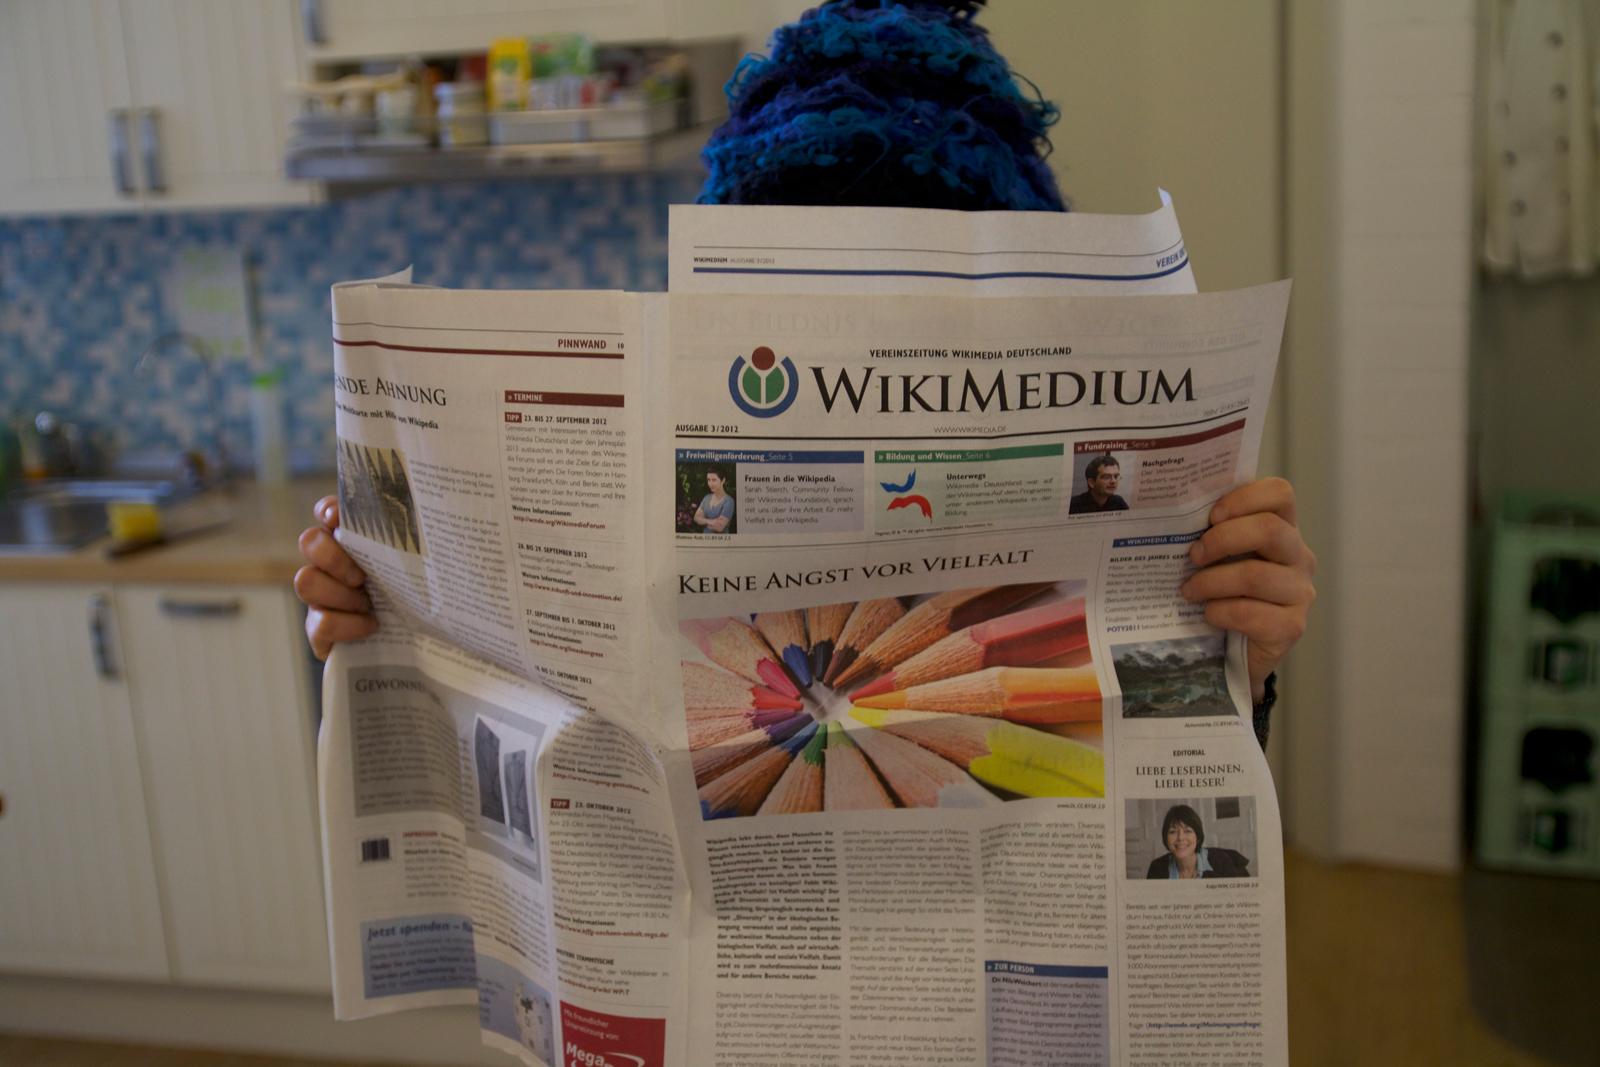 Die Vereinzeitung der Wikimedia war bei uns 2012 in Produktion